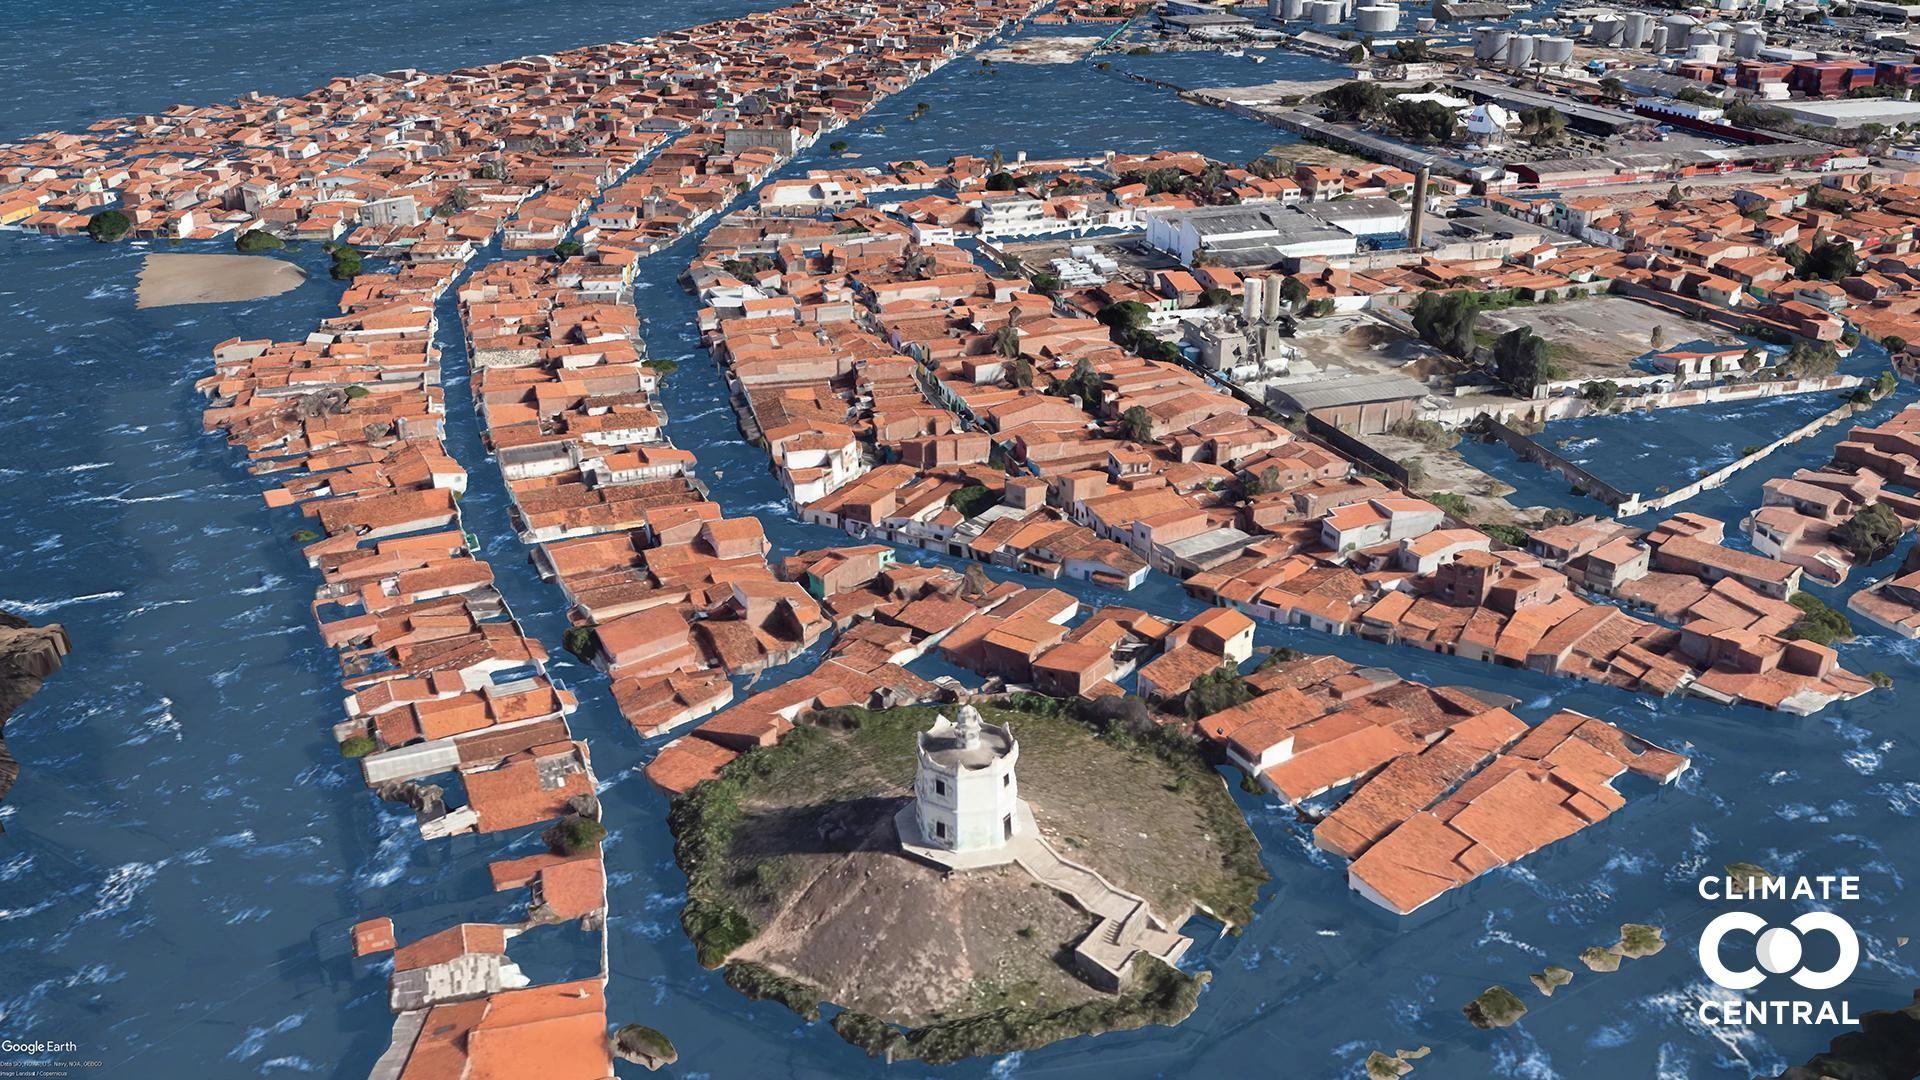 Região do Farol do Mucuripe, em Fortaleza, deve inundar com aumento da temperatura global, projeta pesquisa internacional; veja vídeo